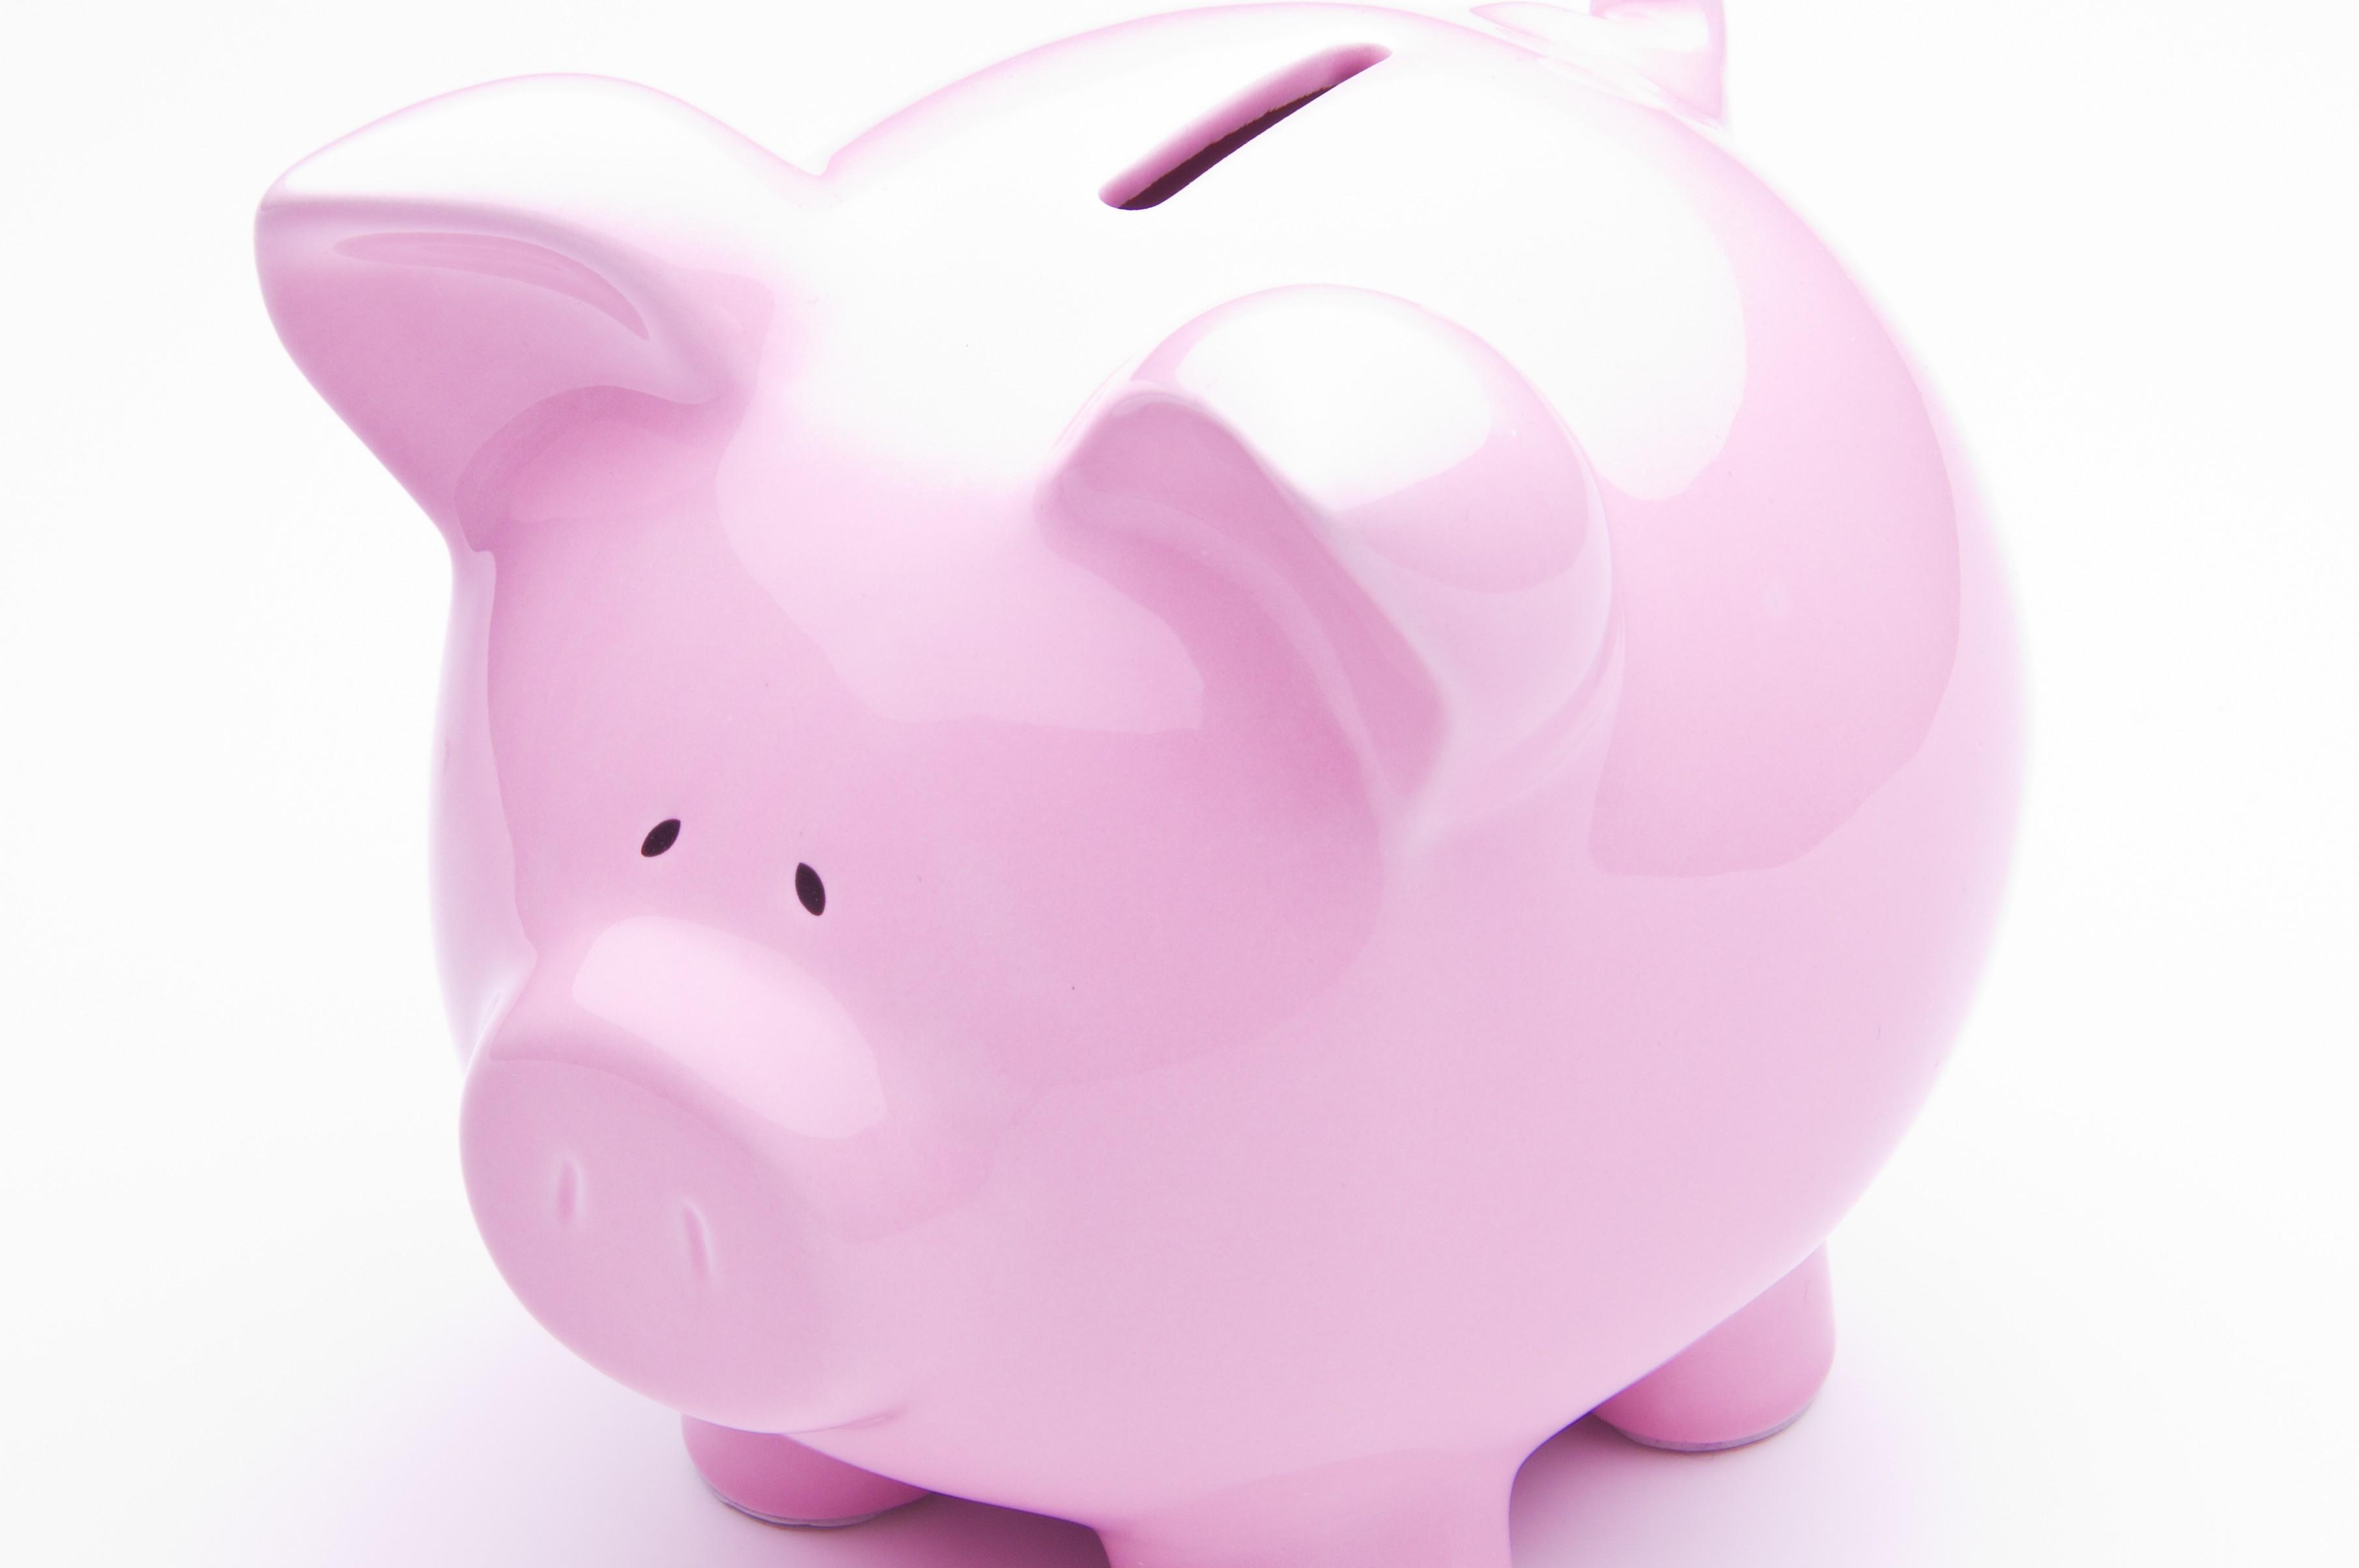 Pink Piggy Bank feature